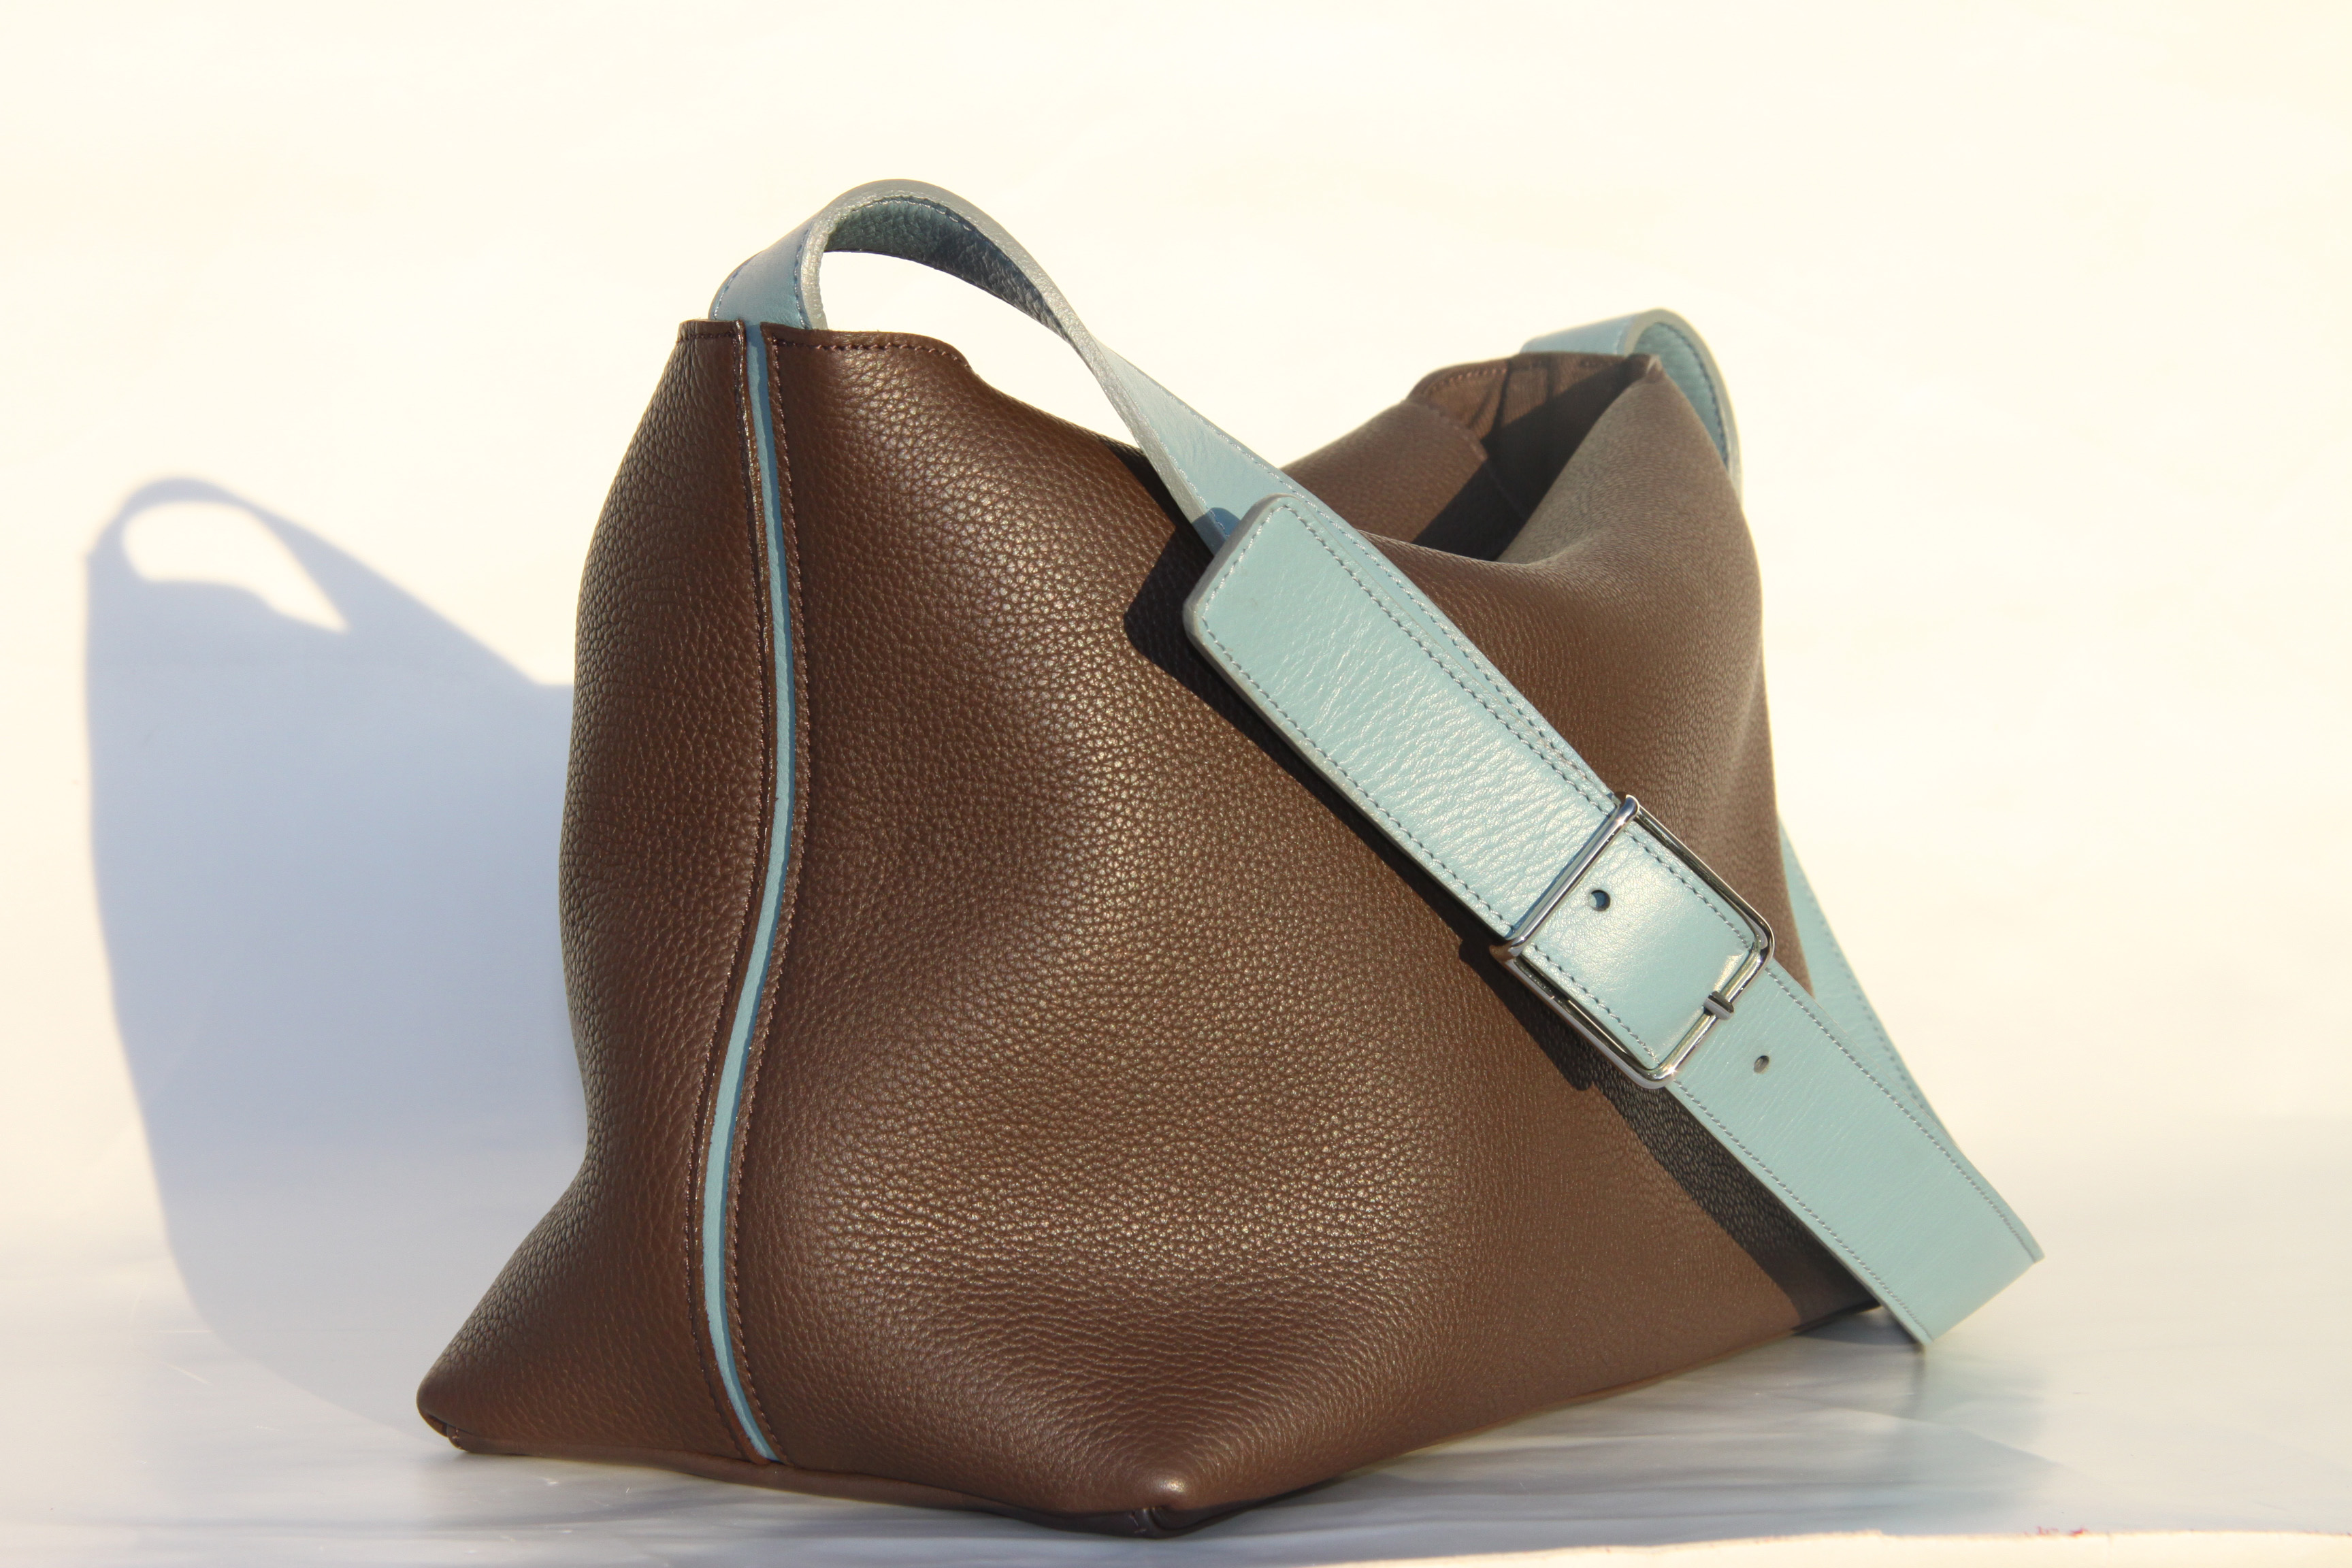 98ea12326c24 KORYOM – Sacs en cuir, sacs en toile, petite maroquinerie en cuir ...